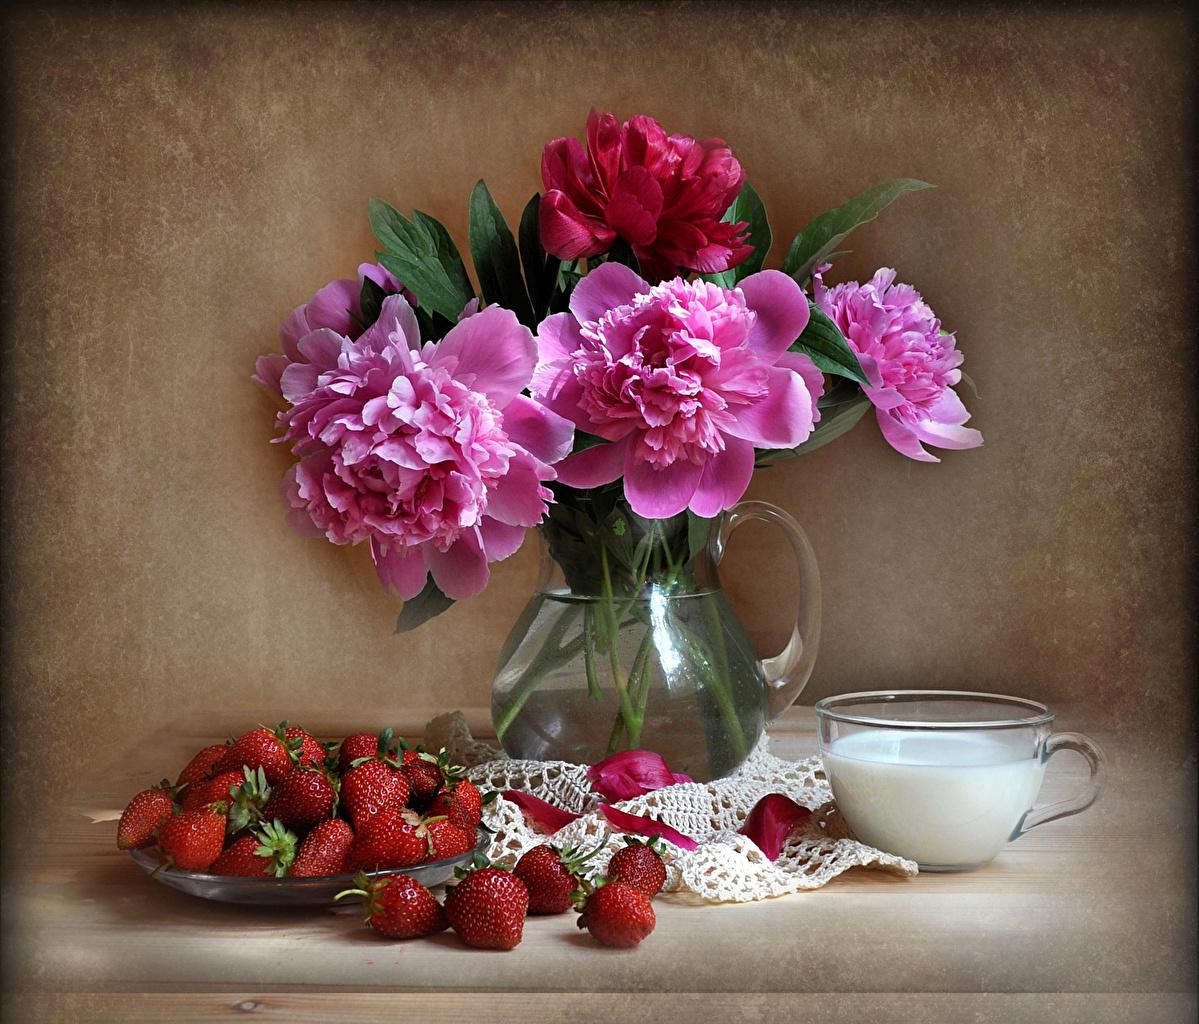 Фотографии пион Цветы Клубника Еда Ваза Чашка Натюрморт Пионы цветок вазе вазы Пища чашке Продукты питания